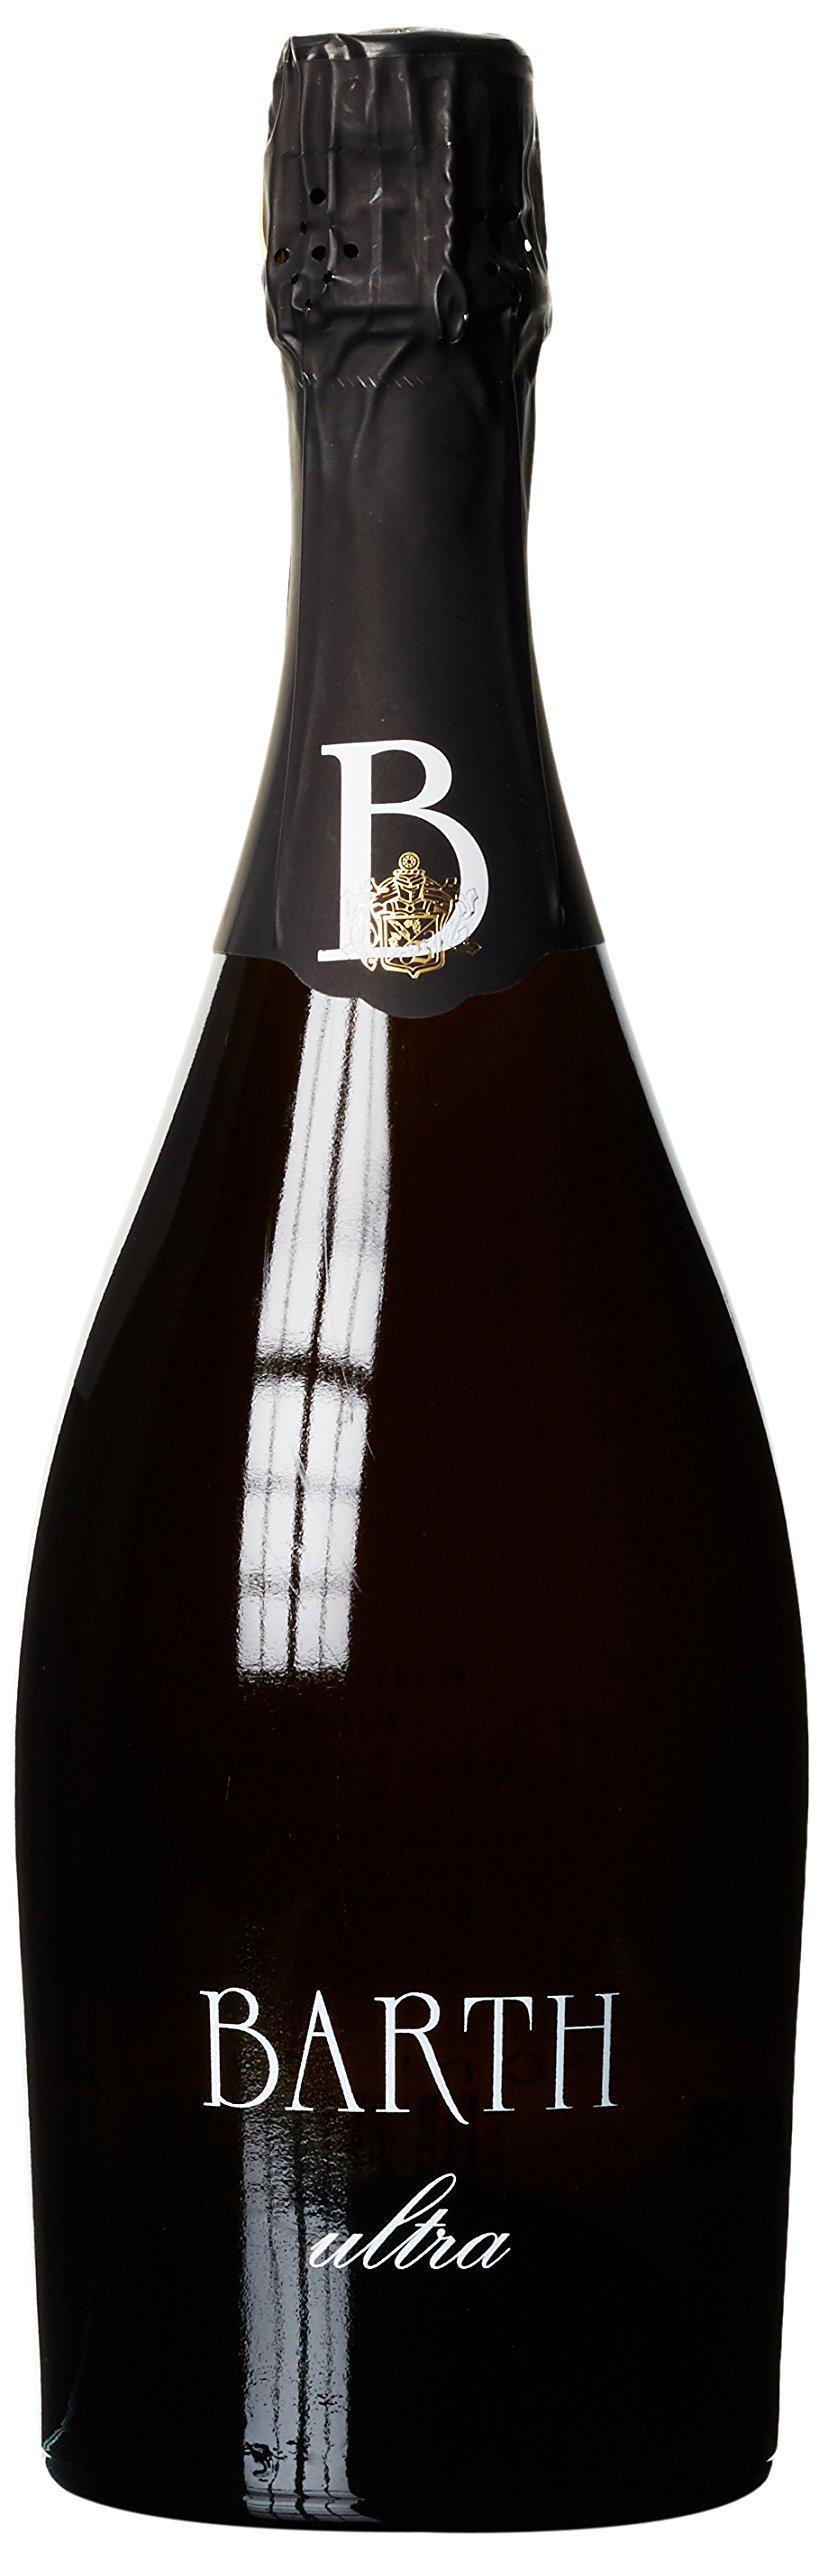 Wein-und-Sektgut-Barth-Hattenheim-Ultra-Pinot-extra-brut-Rheingau-Sekt-b-A-1-x-075-l